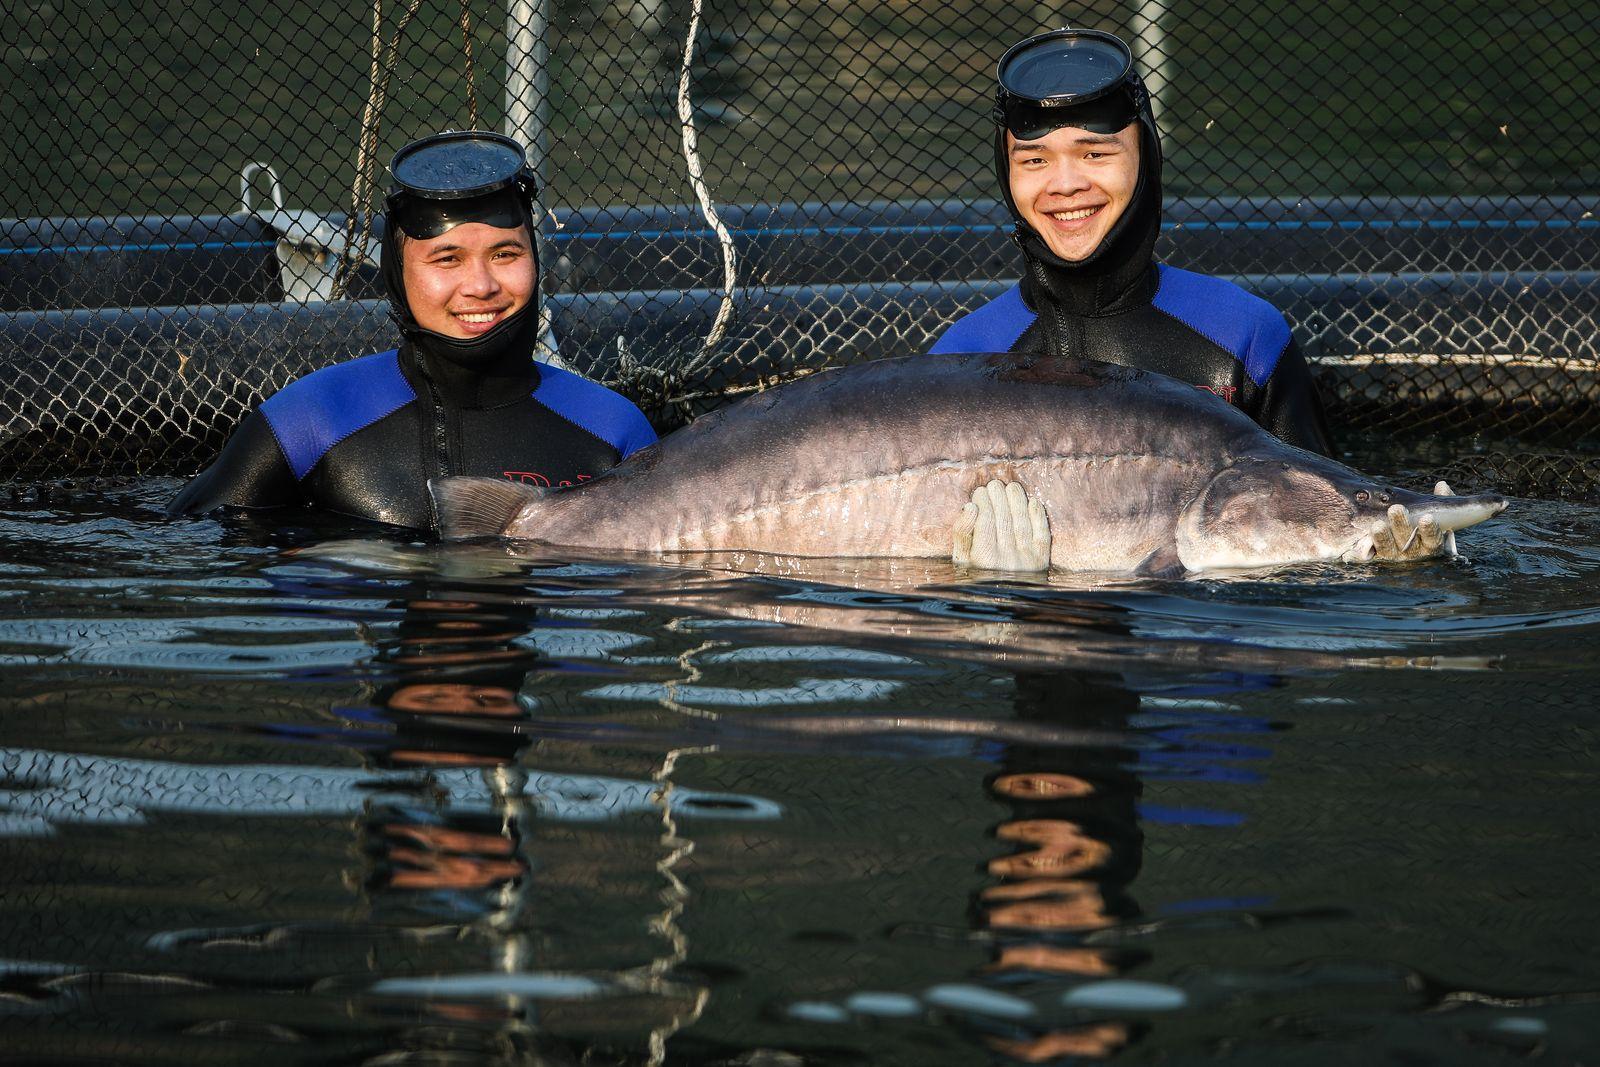 Siêu cá tầm Beluga xuất hiện tại một trang trại cá ở Sơn La.